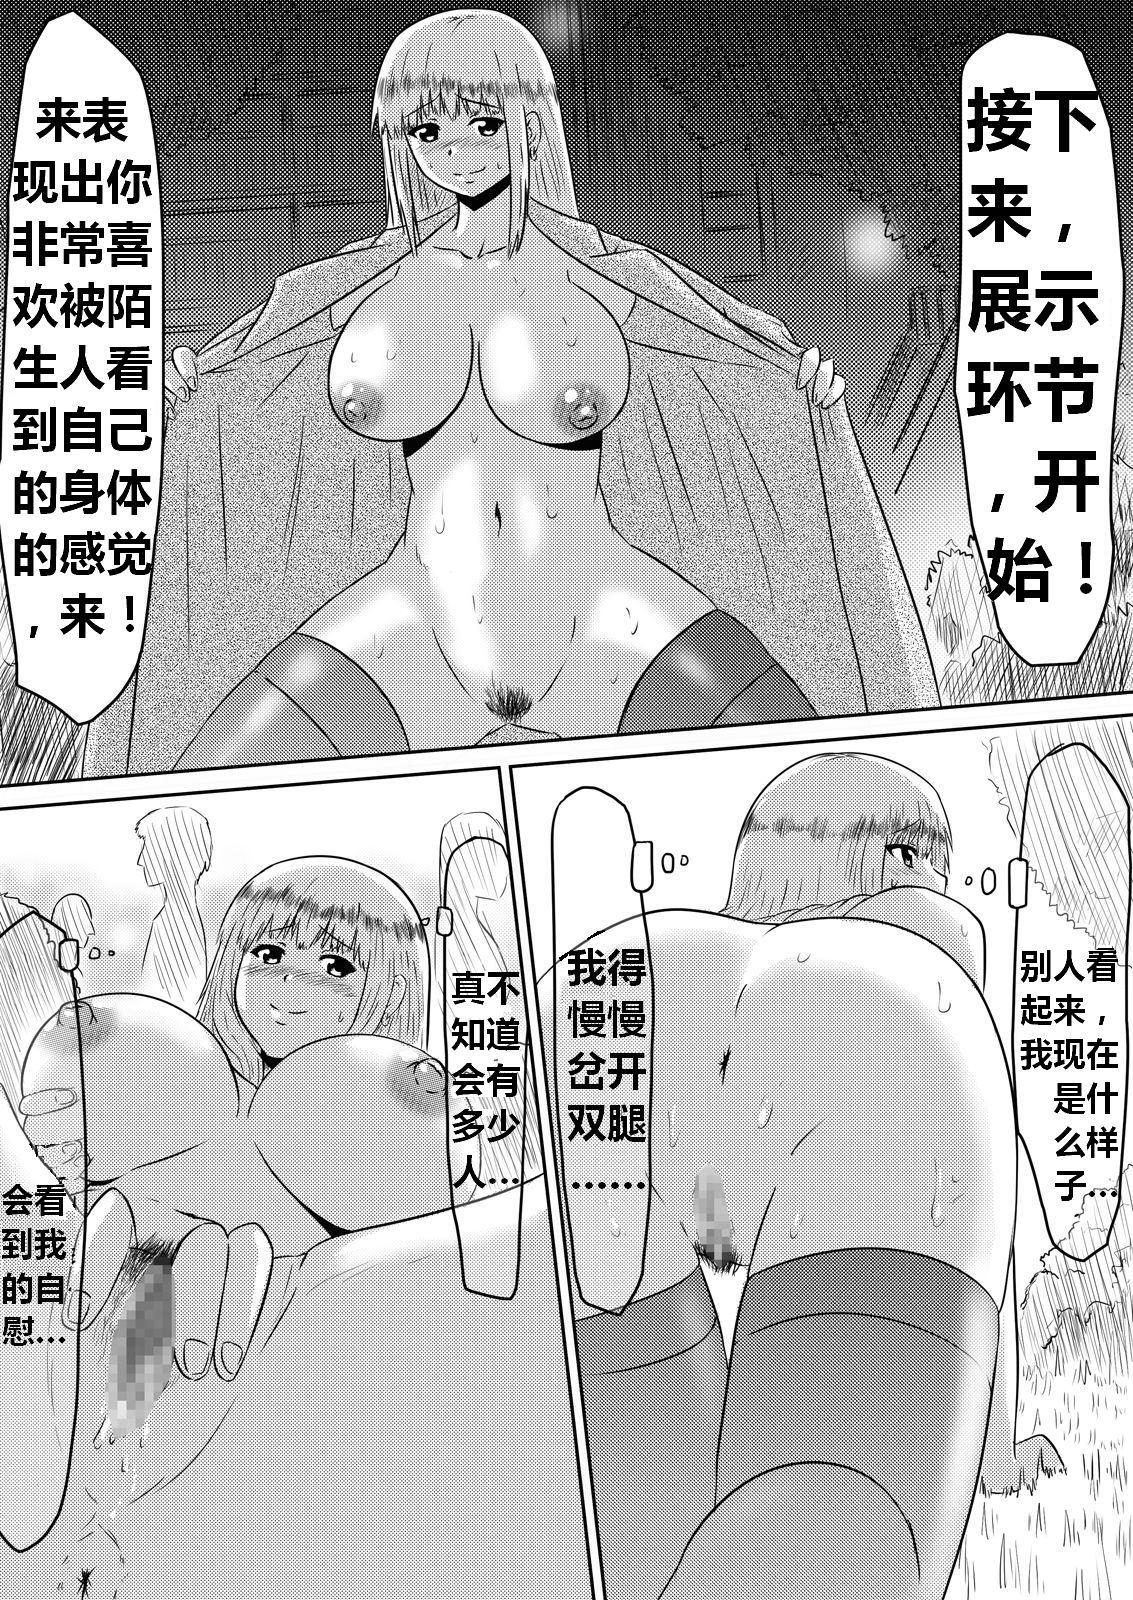 Ore no Kanojo ga Fuuzokujou ni Natta Riyuu | 女朋友下海拍片了 53